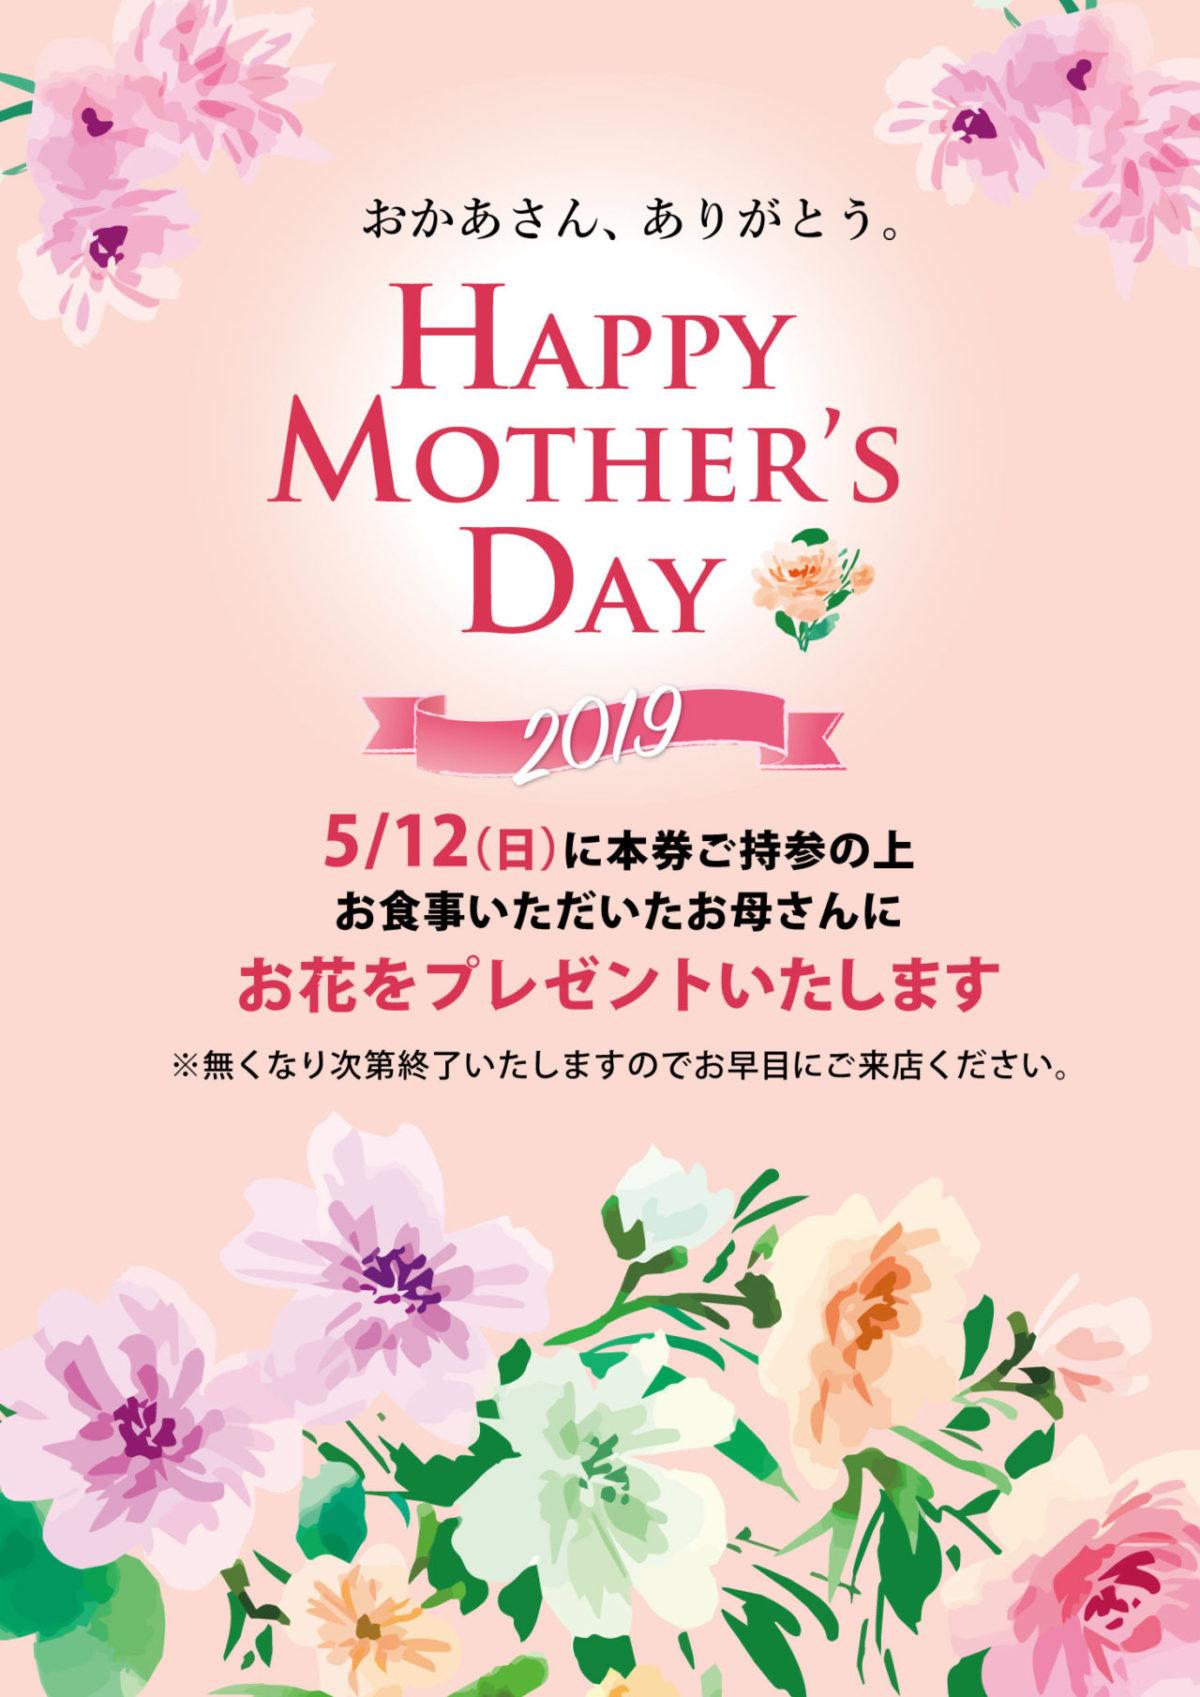 母の日企画